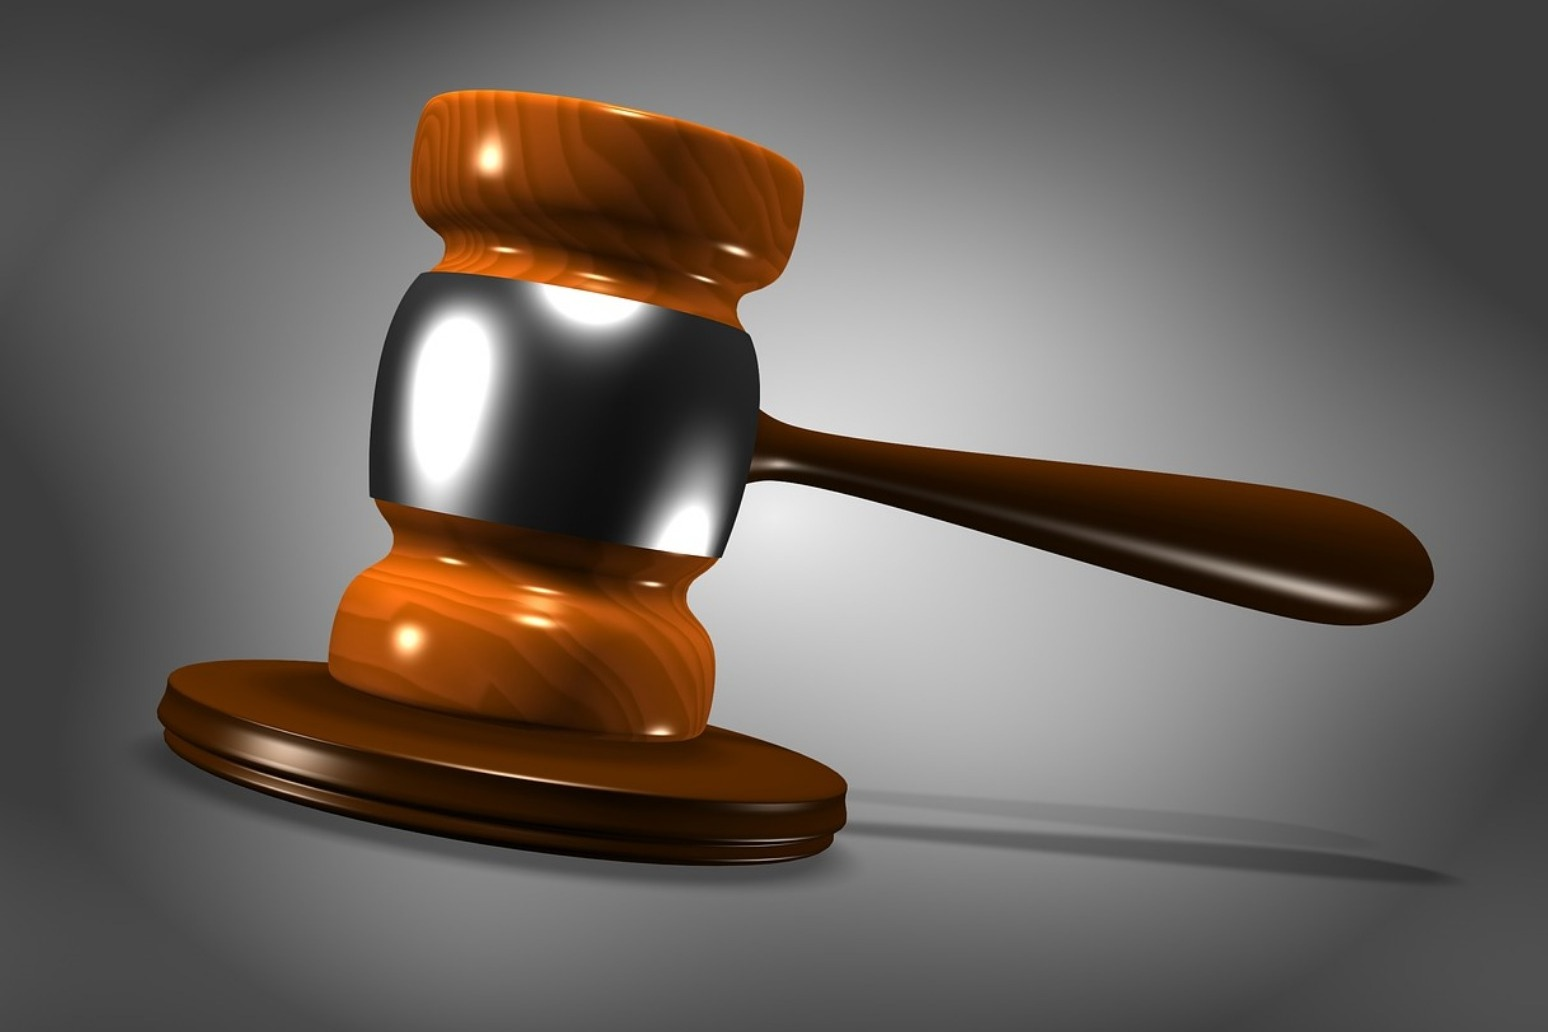 Massachusetts prosecutors drop Kevin Spacey sex assault case